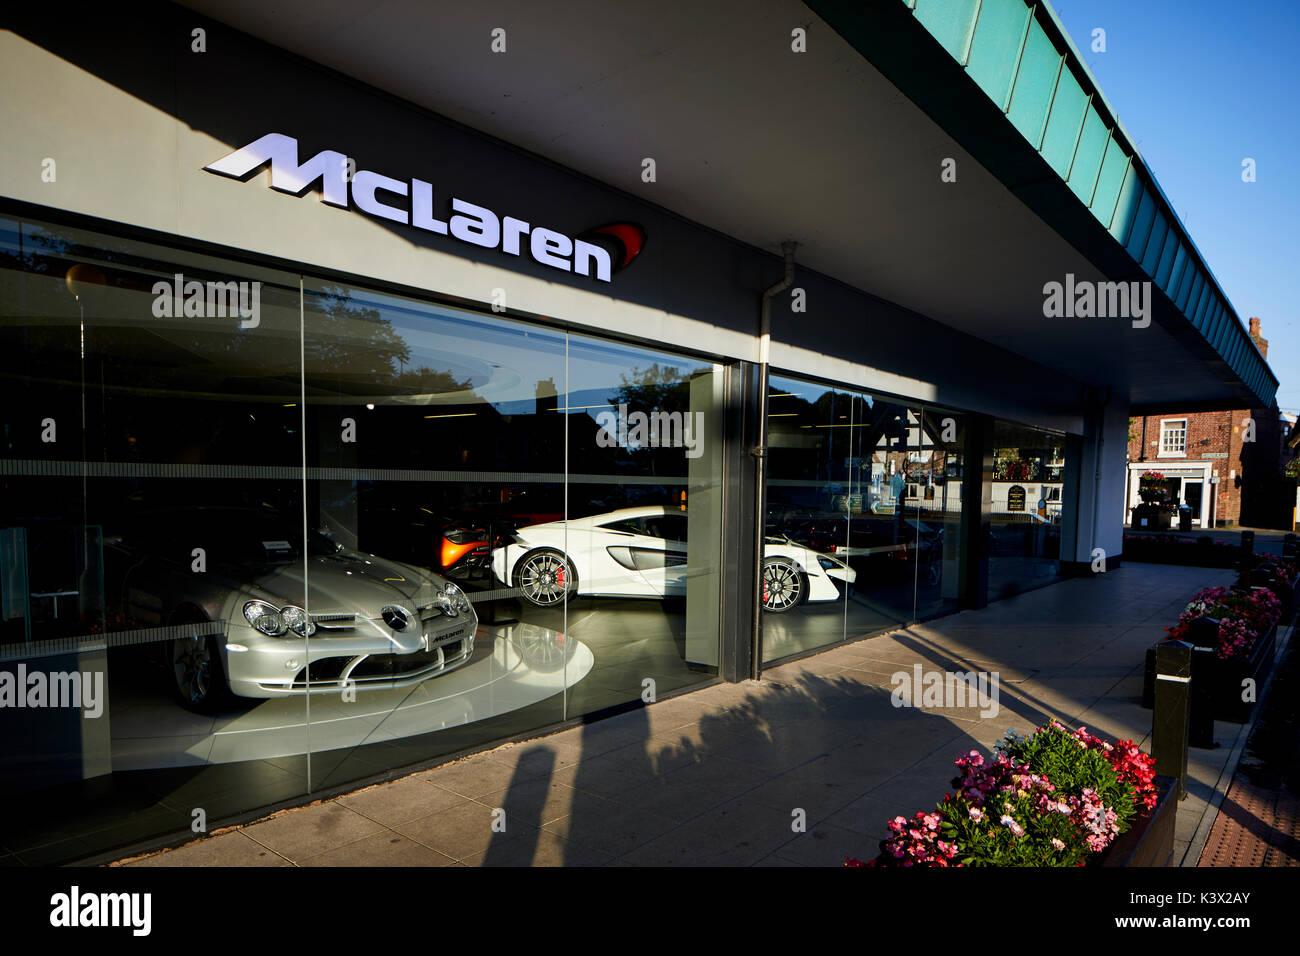 Image Result For Car Sales Vineyard Dale